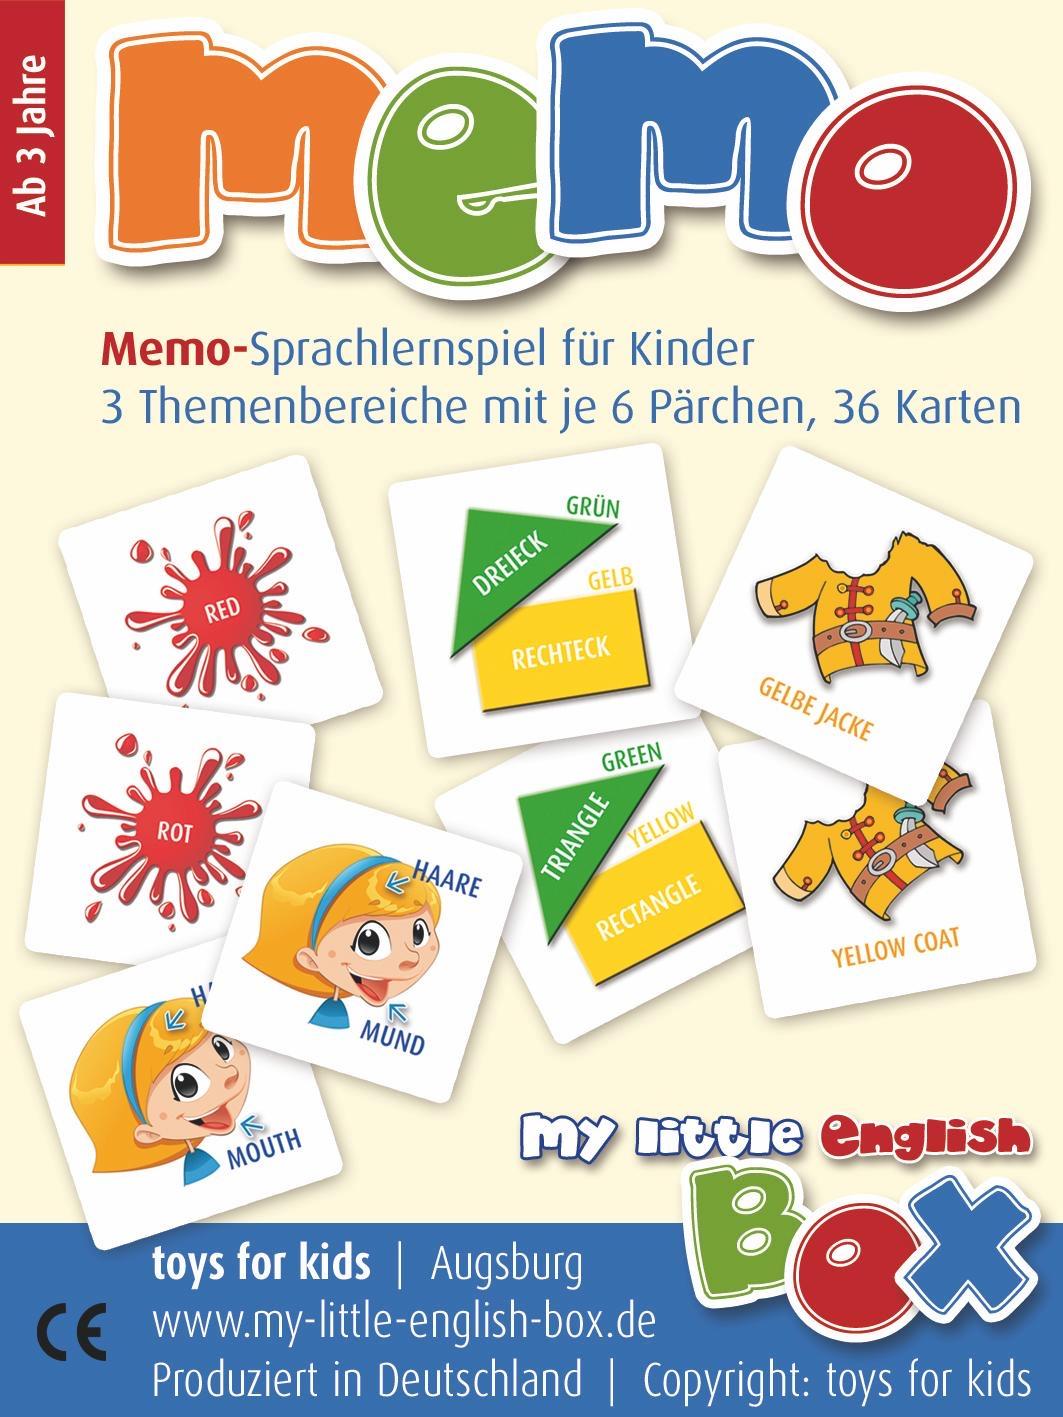 Fun Archive - My-Little-English-Box bestimmt für Memory Für Kindergartenkinder Online